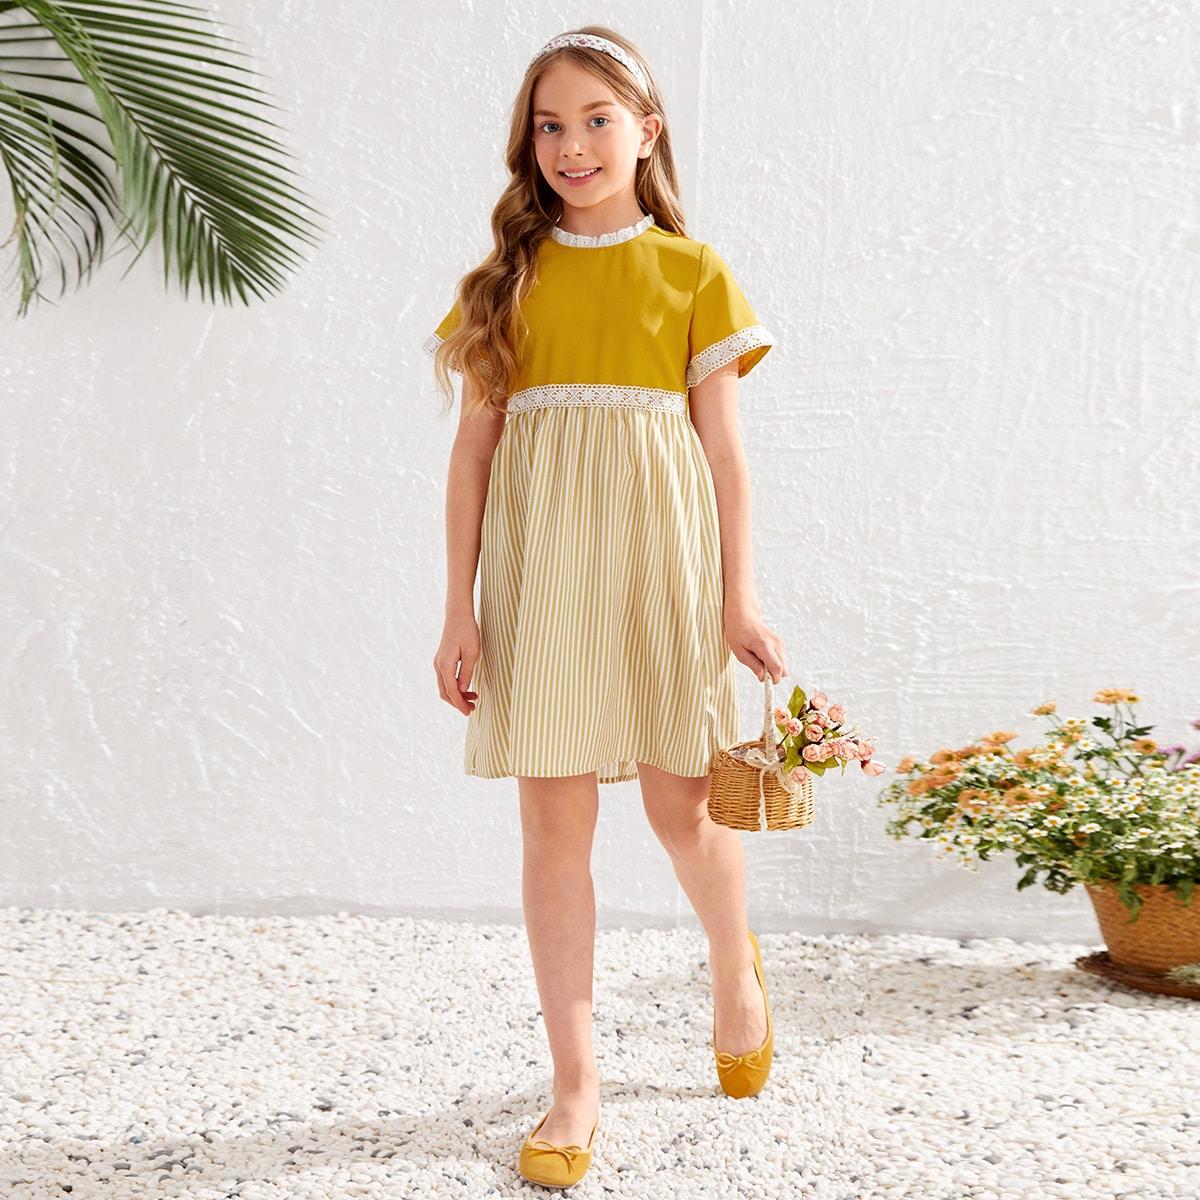 Kleid mit Streifen, Kontrast Spitzen und Öse Stickereien Detail